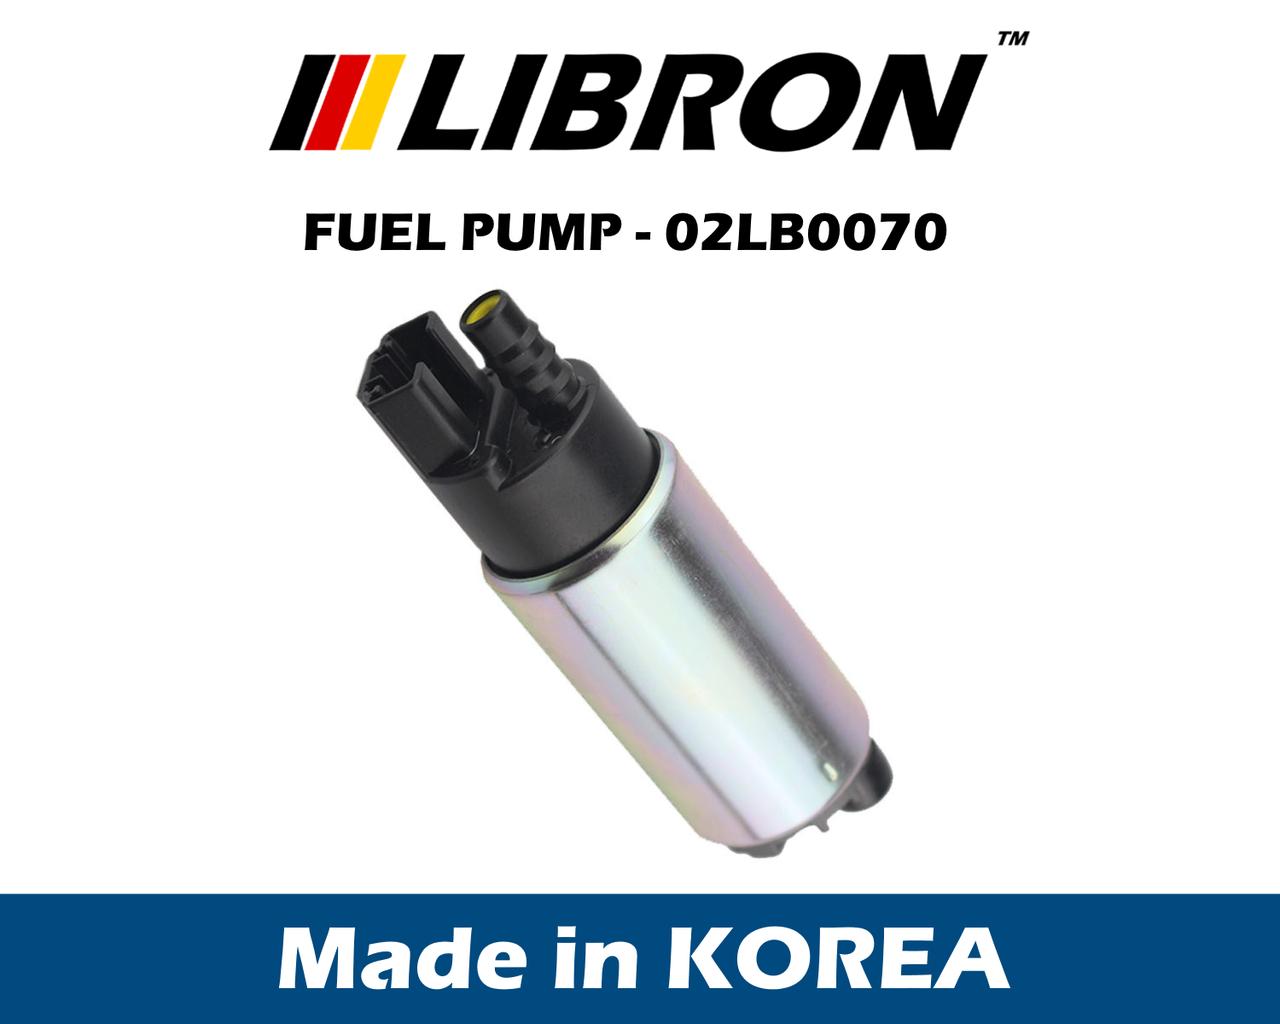 Бензонасос LIBRON 02LB0070 (аналог 0580453470 - Bosch, PDA-P001 - Parts Mall) - универсальный